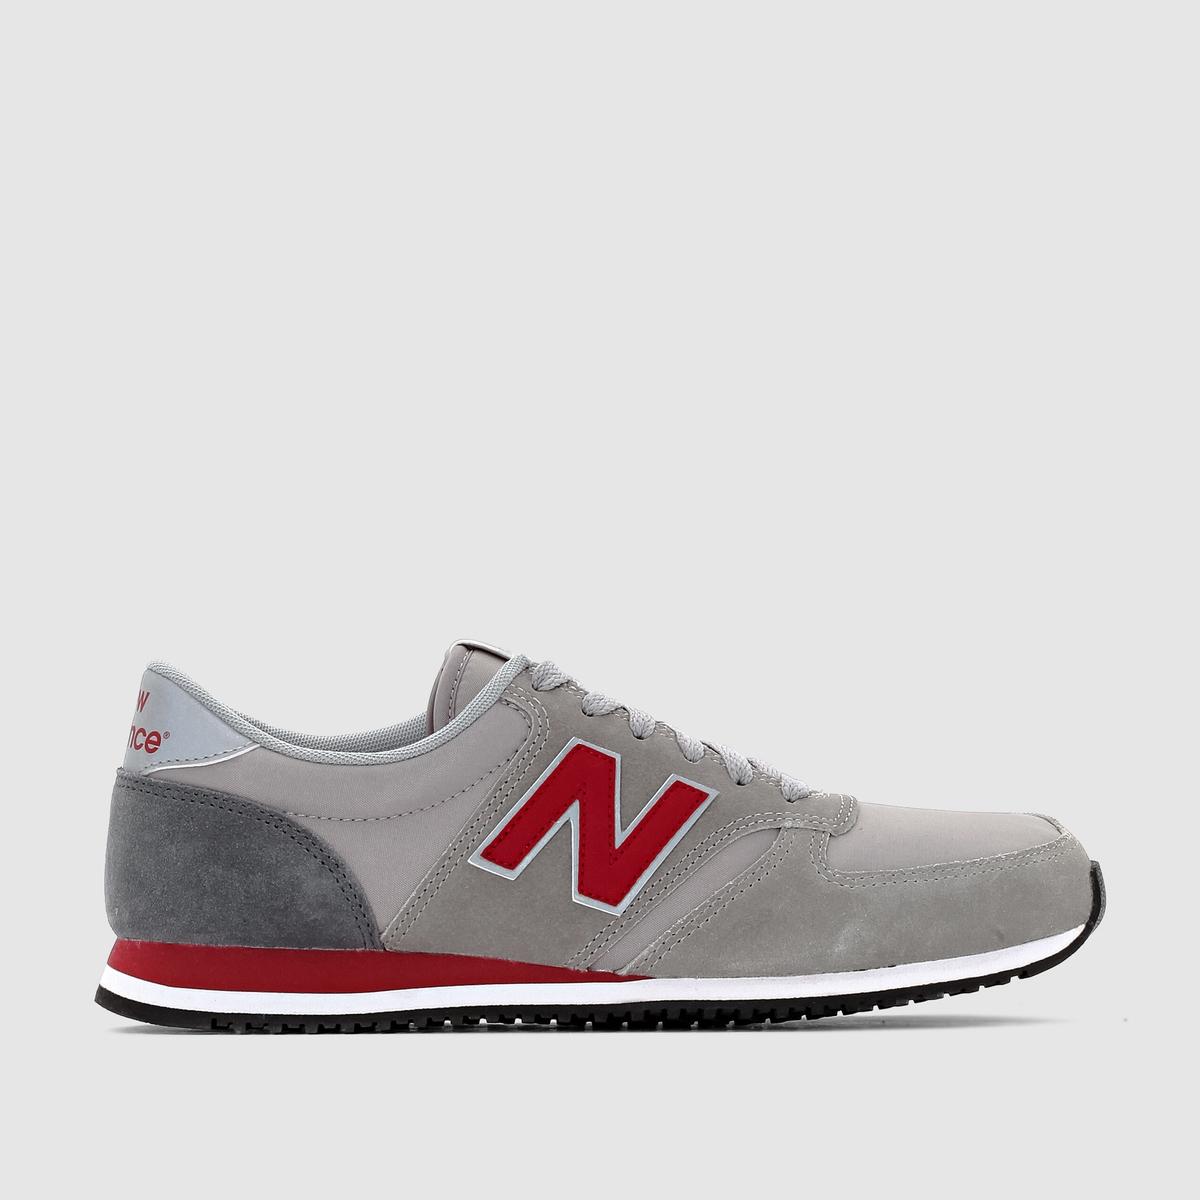 Кеды низкие NEW BALANCE U420RSBПреимущества: : кроссовки под брендом REDSKINS полностью соответствуют канонам нео-ретро, воплощают в себе уникальный стиль и непревзойденный комфорт<br><br>Цвет: серый<br>Размер: 41 1/2